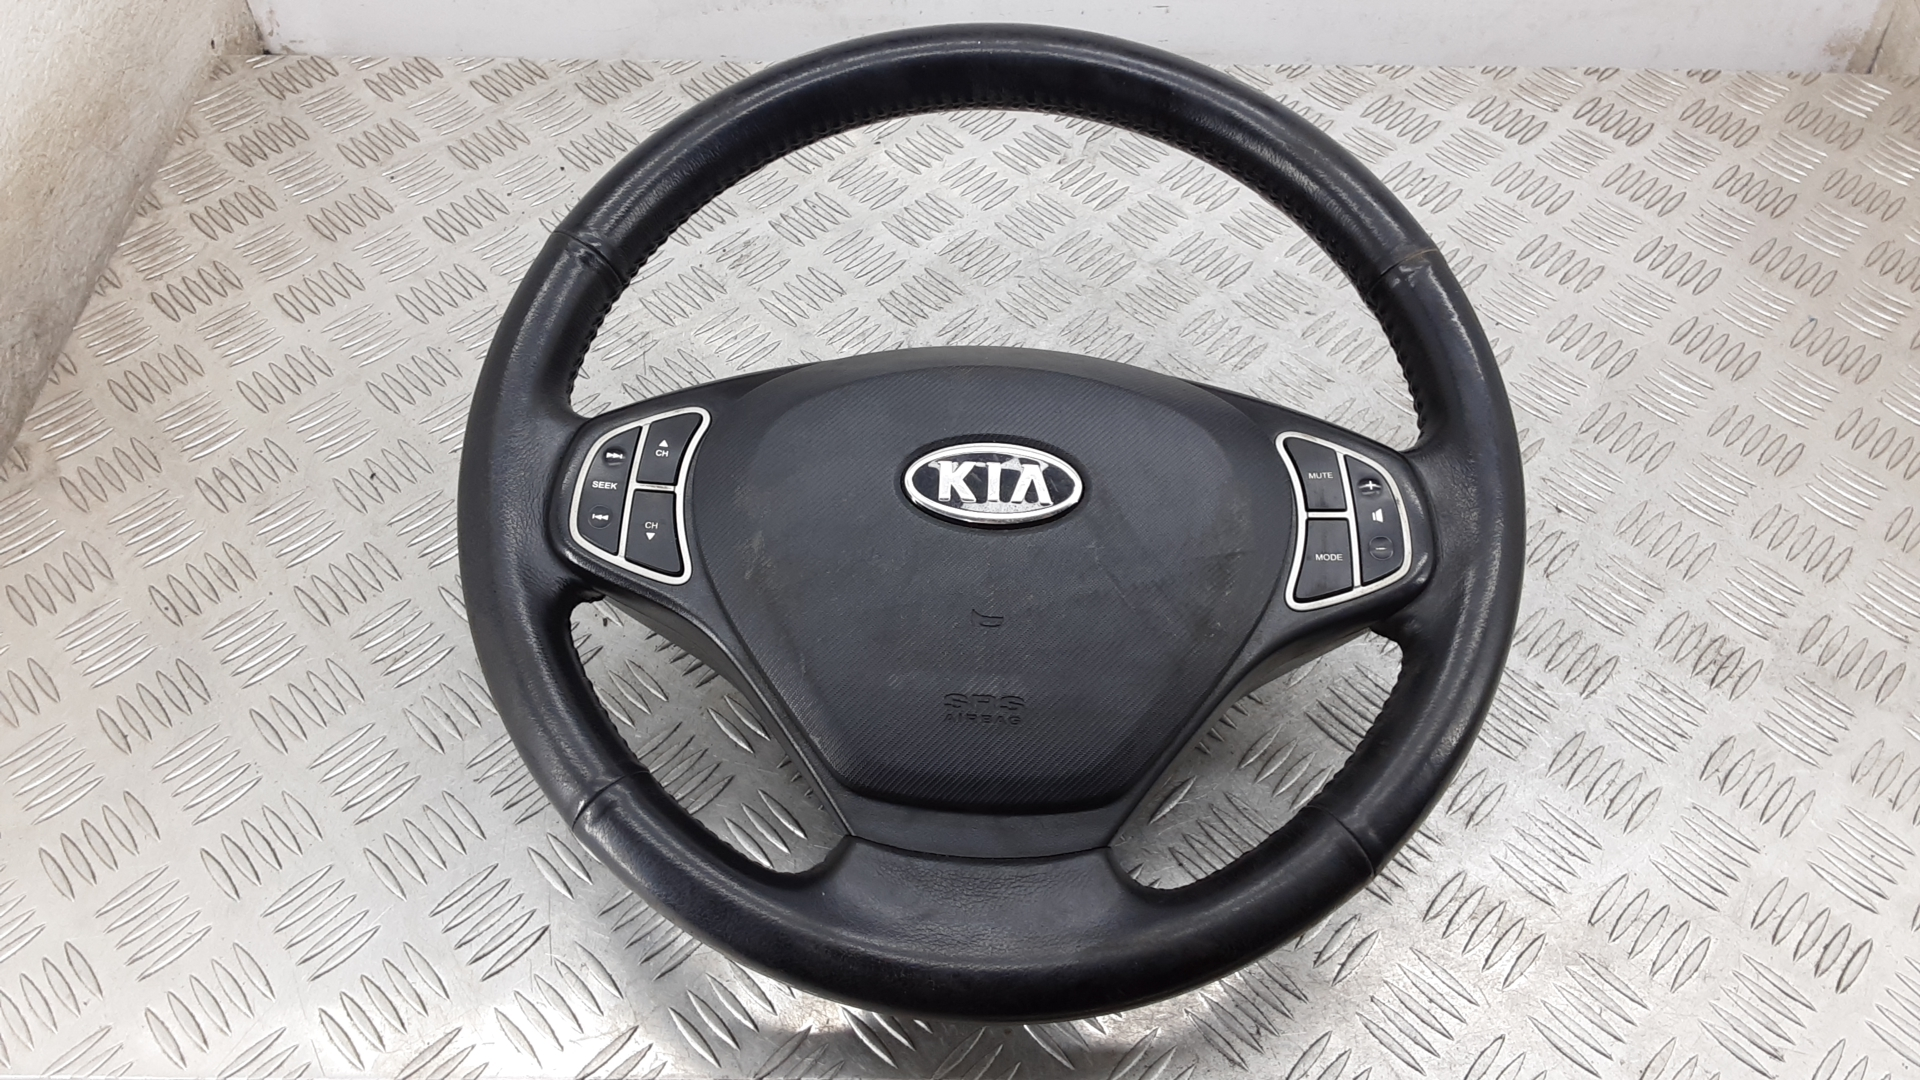 Рулевое колесо, KIA, CEE'D 1, 2008